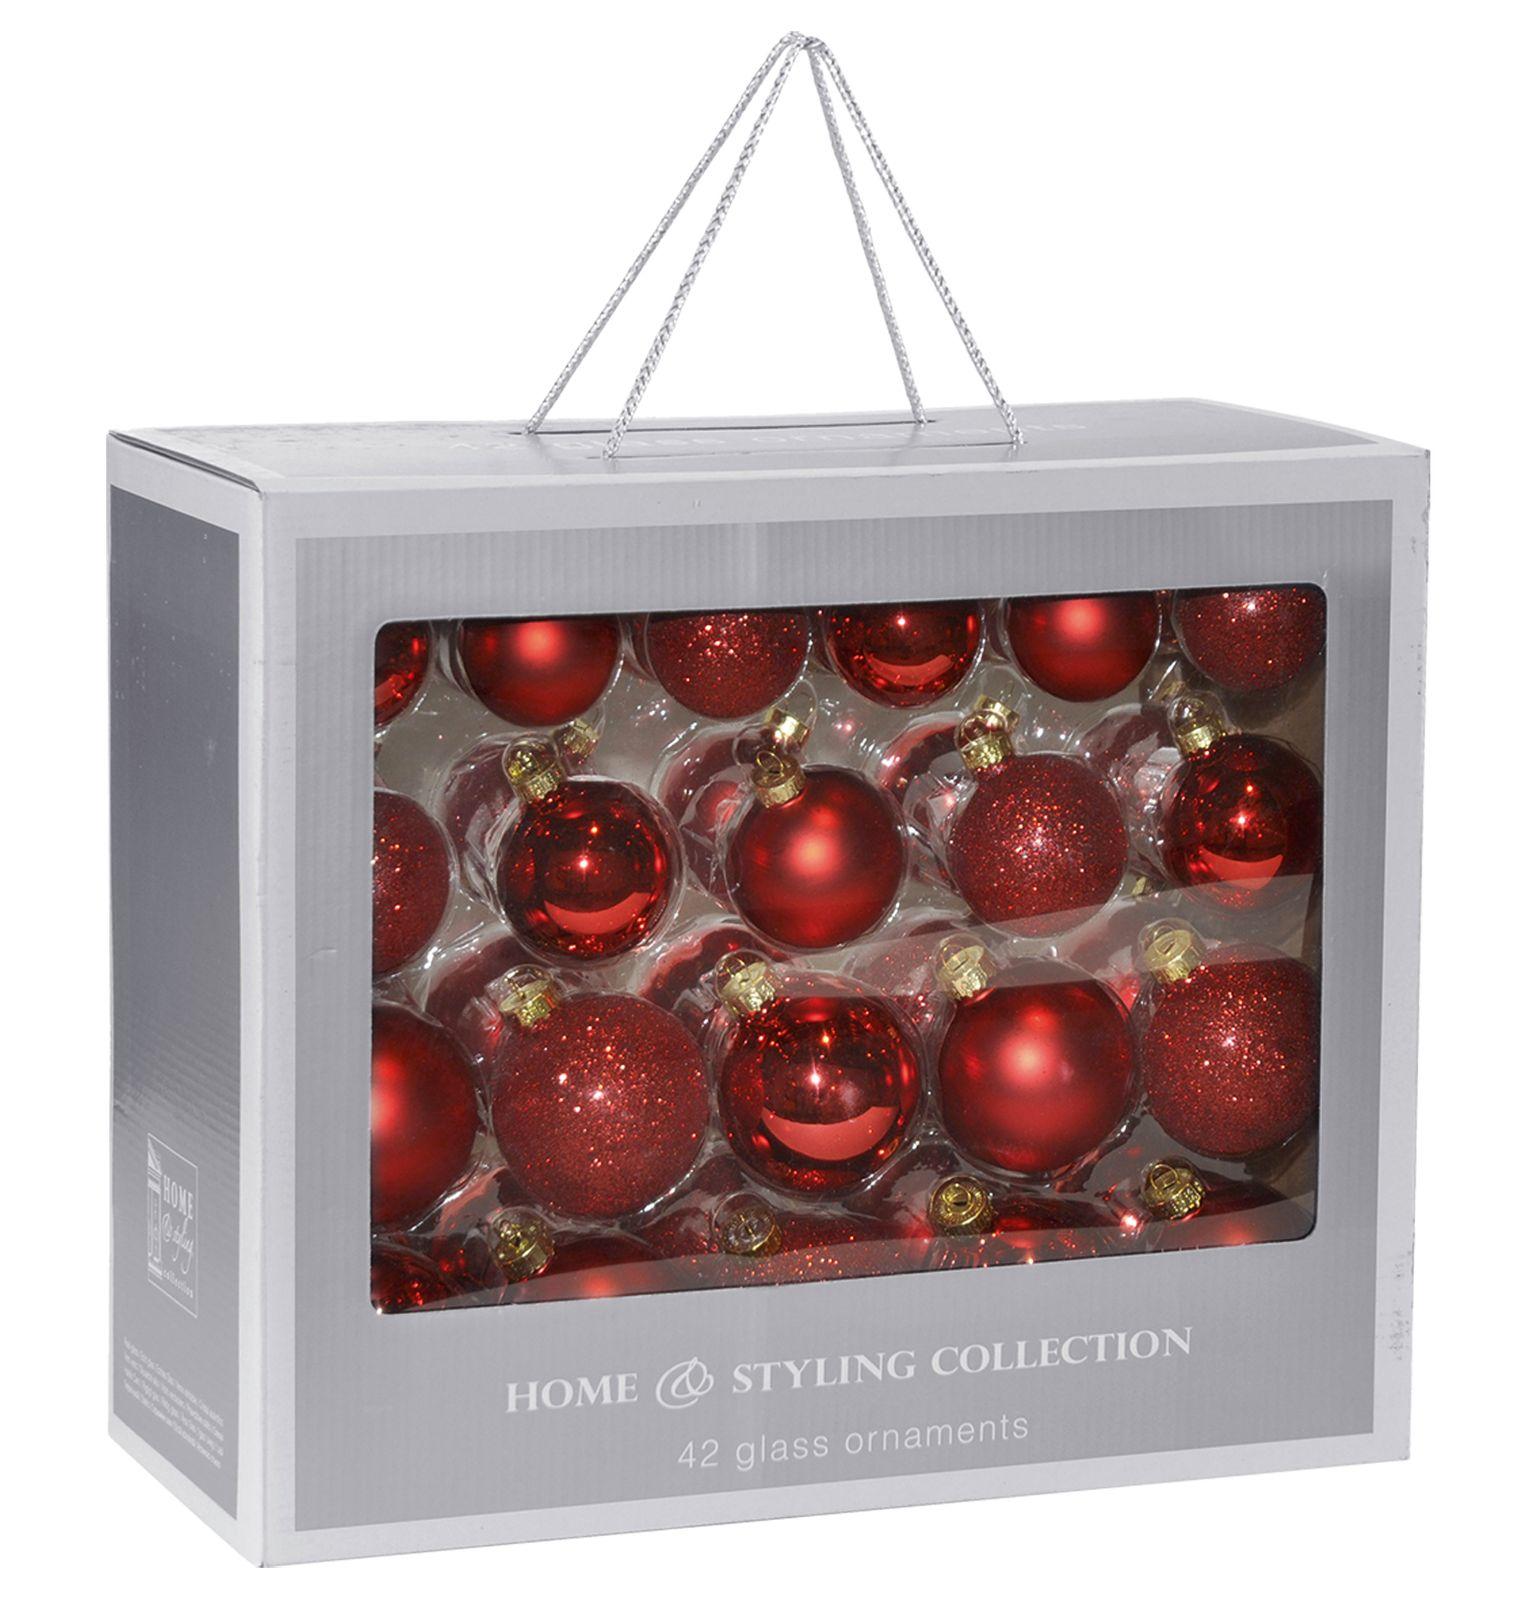 Christbaumkugeln Set Rot.Weihnachtskugeln Set 42tlg Kugeln Christbaumkugeln Baum Schmuck Rot